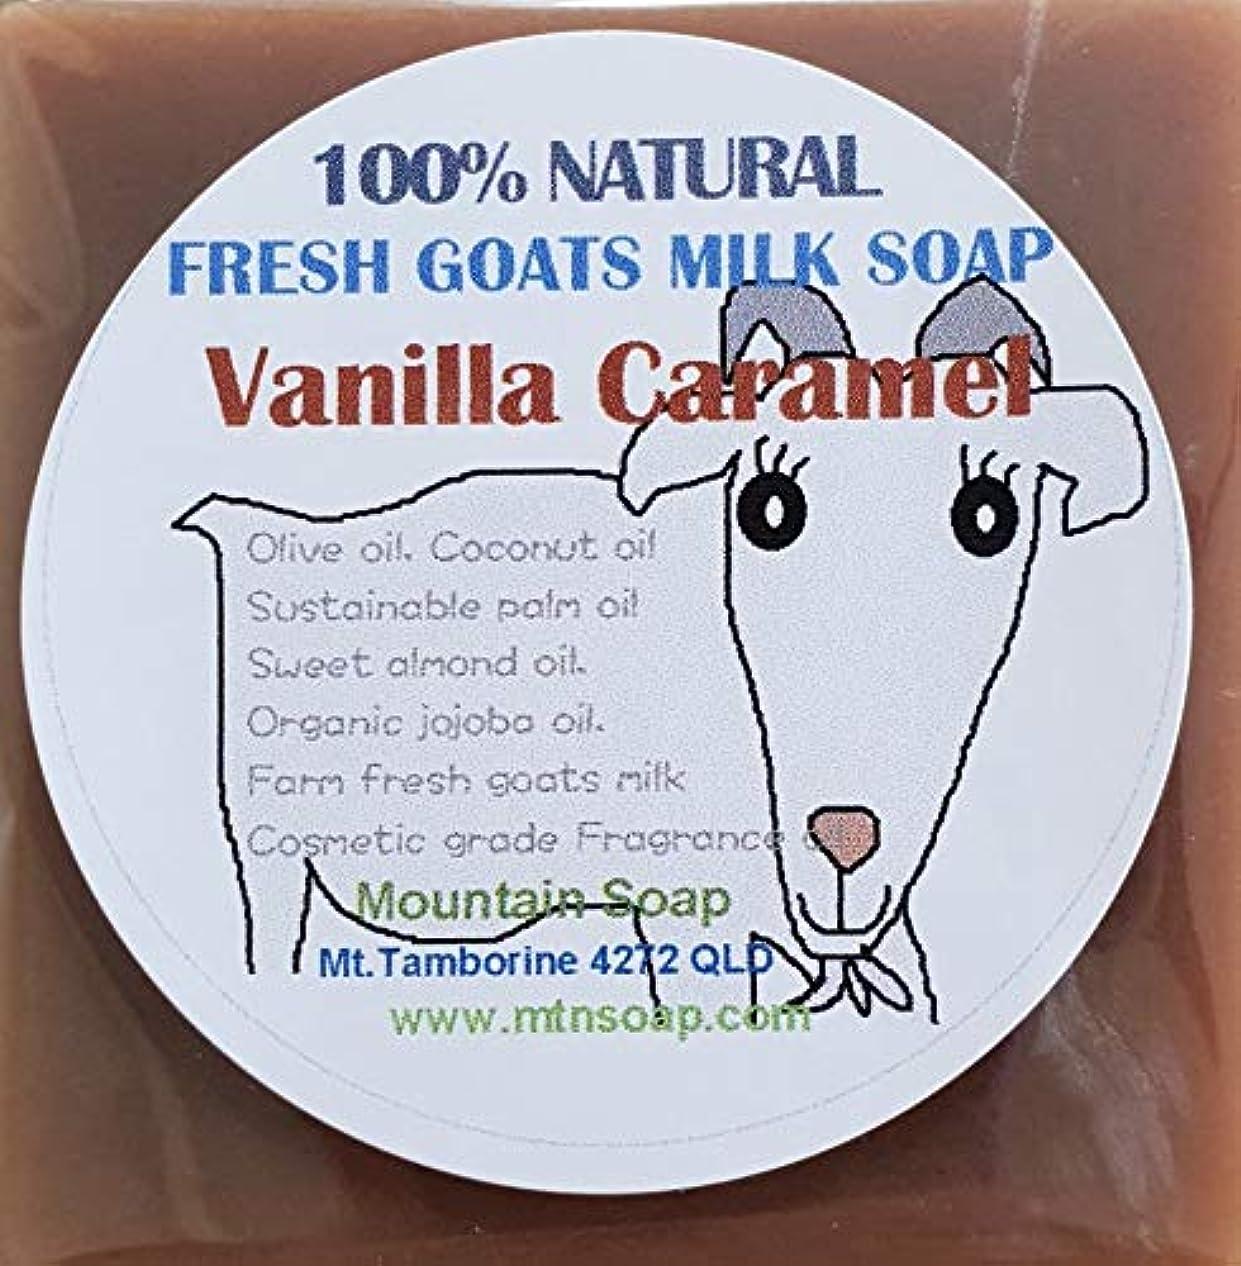 作成する寺院砲撃【Mountain Soap】農場直送絞りたてゴートミルク生乳使用 ゴートミルク石鹸 バニラキャラメル